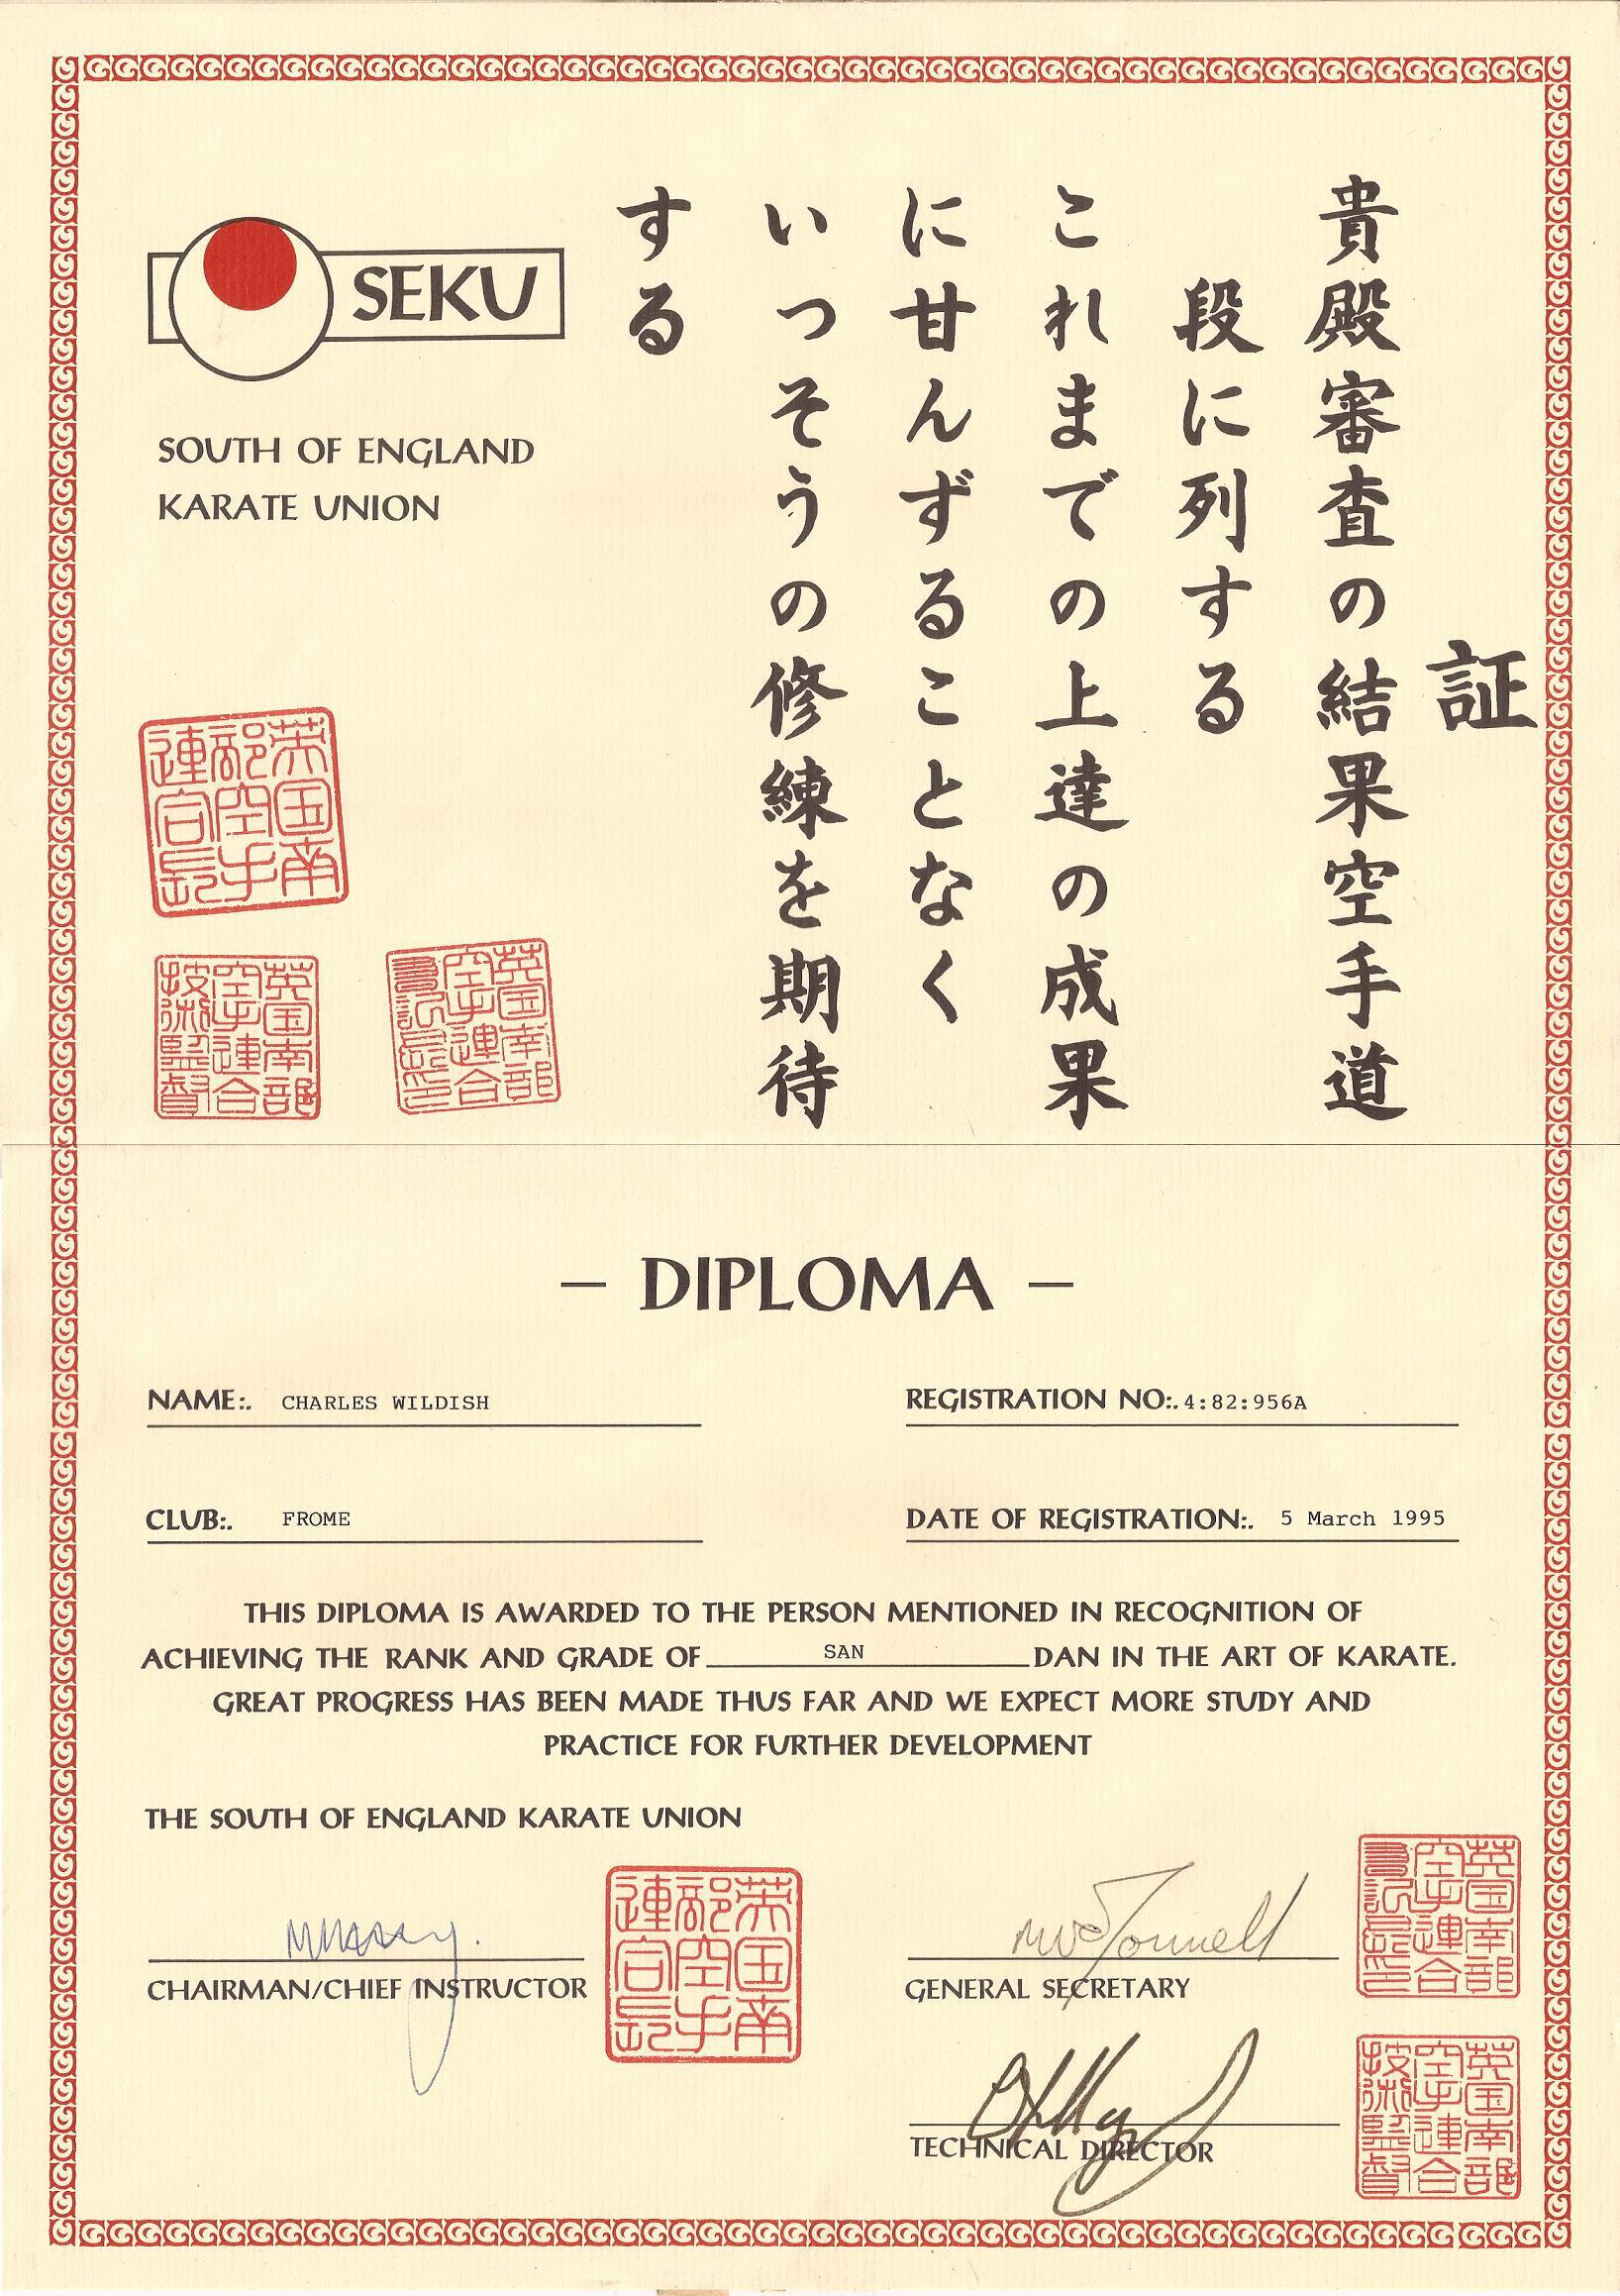 3rd Dan Certificate